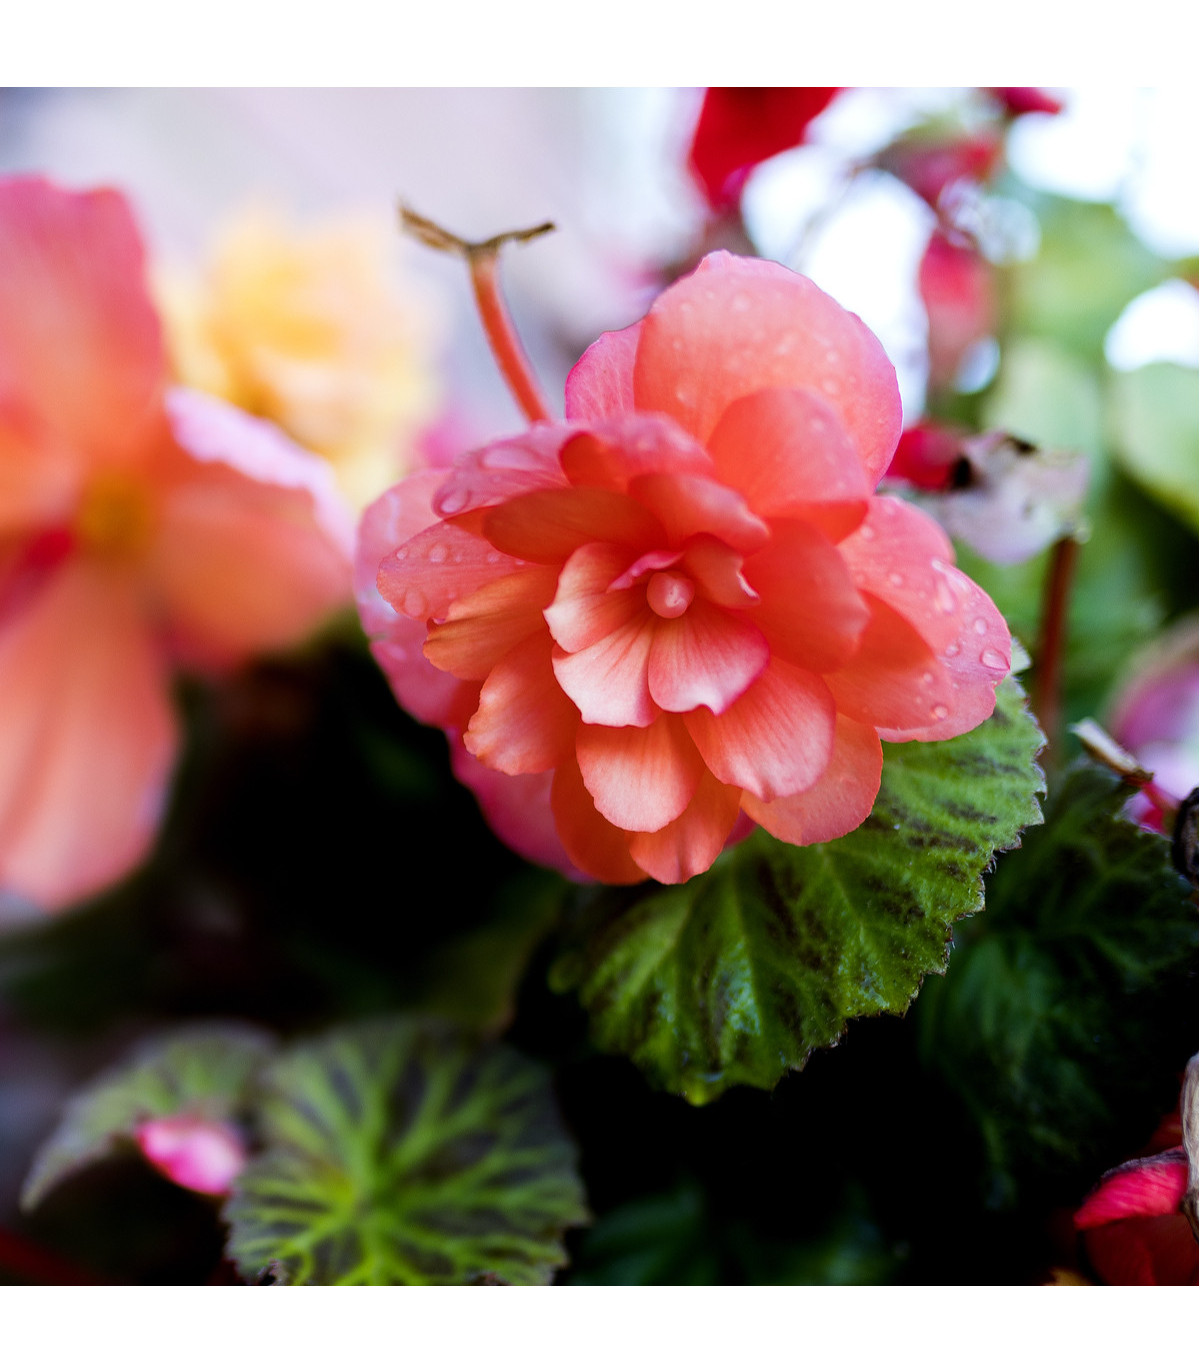 Begonie převislá plnokvětá růžová - Begonia pendula maxima - cibule begonií - 2 ks